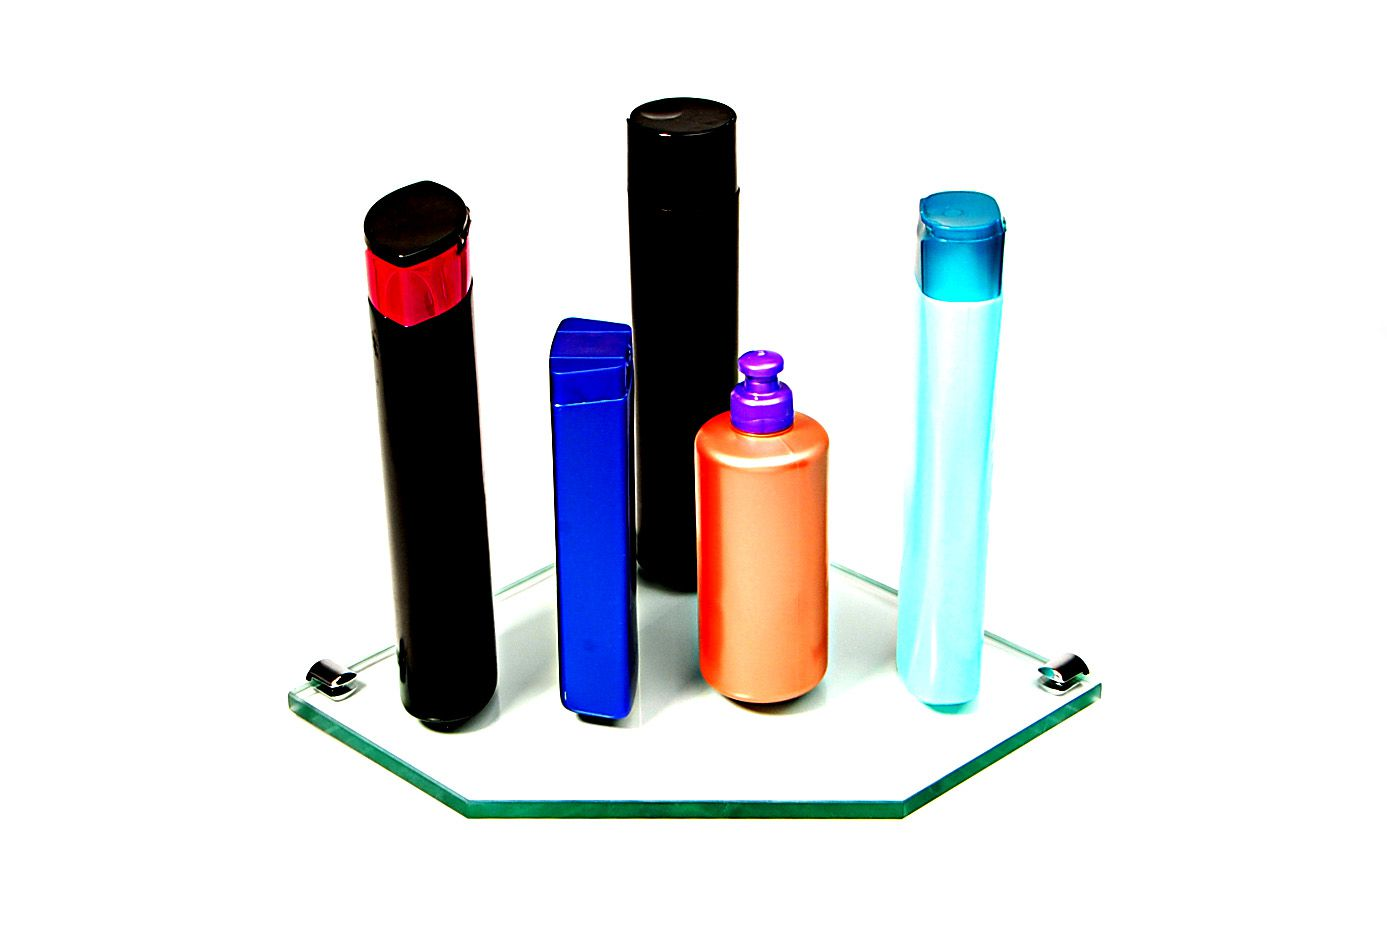 Porta Shampoo Canto Reto em Vidro Incolor Lapidado - Aquabox  - 25cmx25cmx10mm